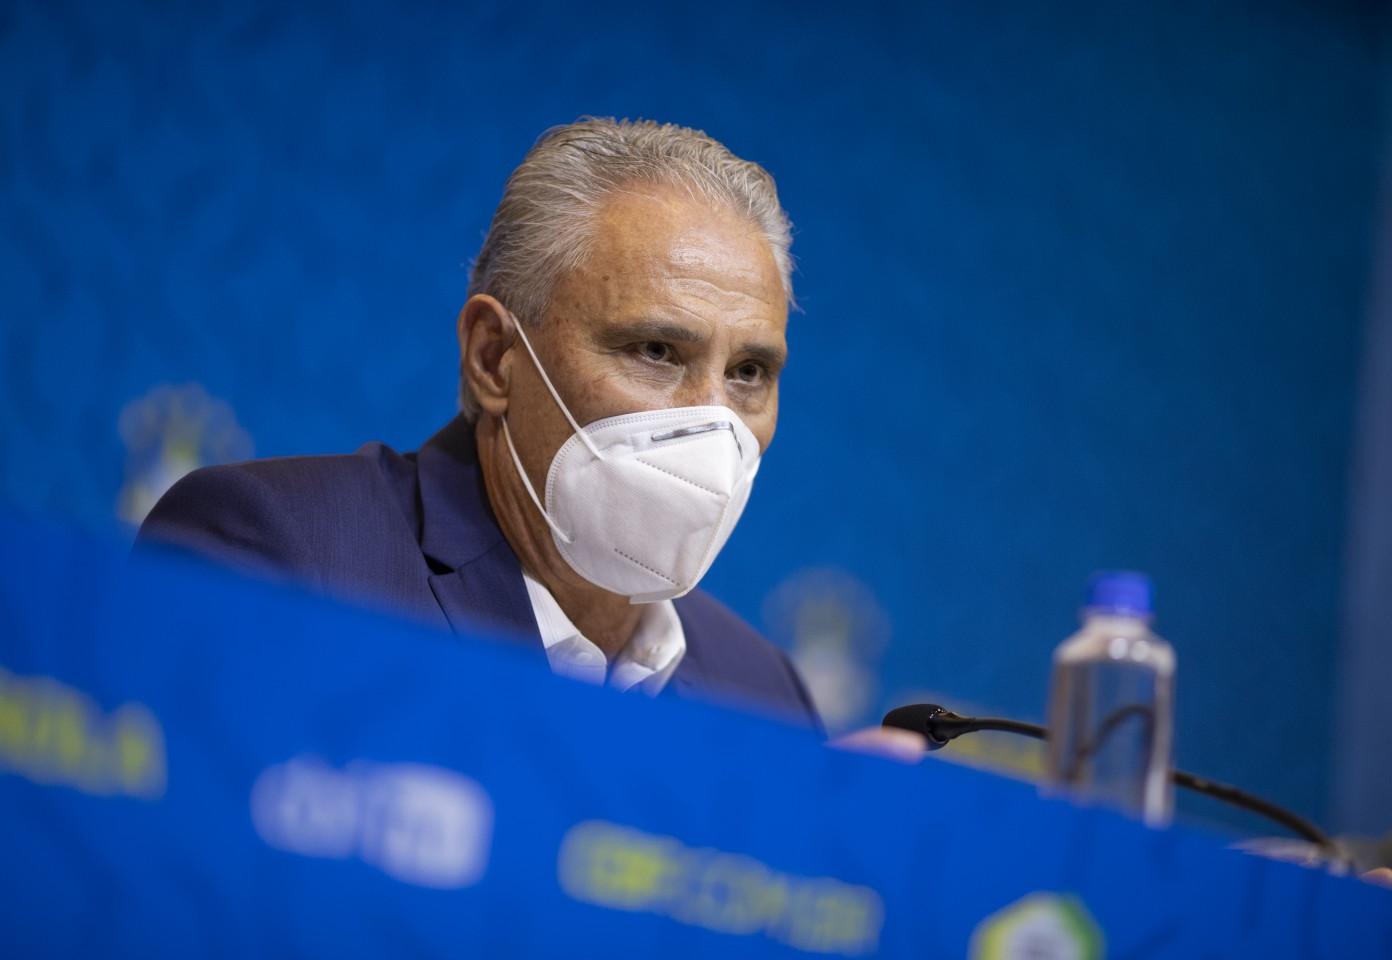 Com quatro convocados, Flamengo terá jogos remarcados pela CBF em junho